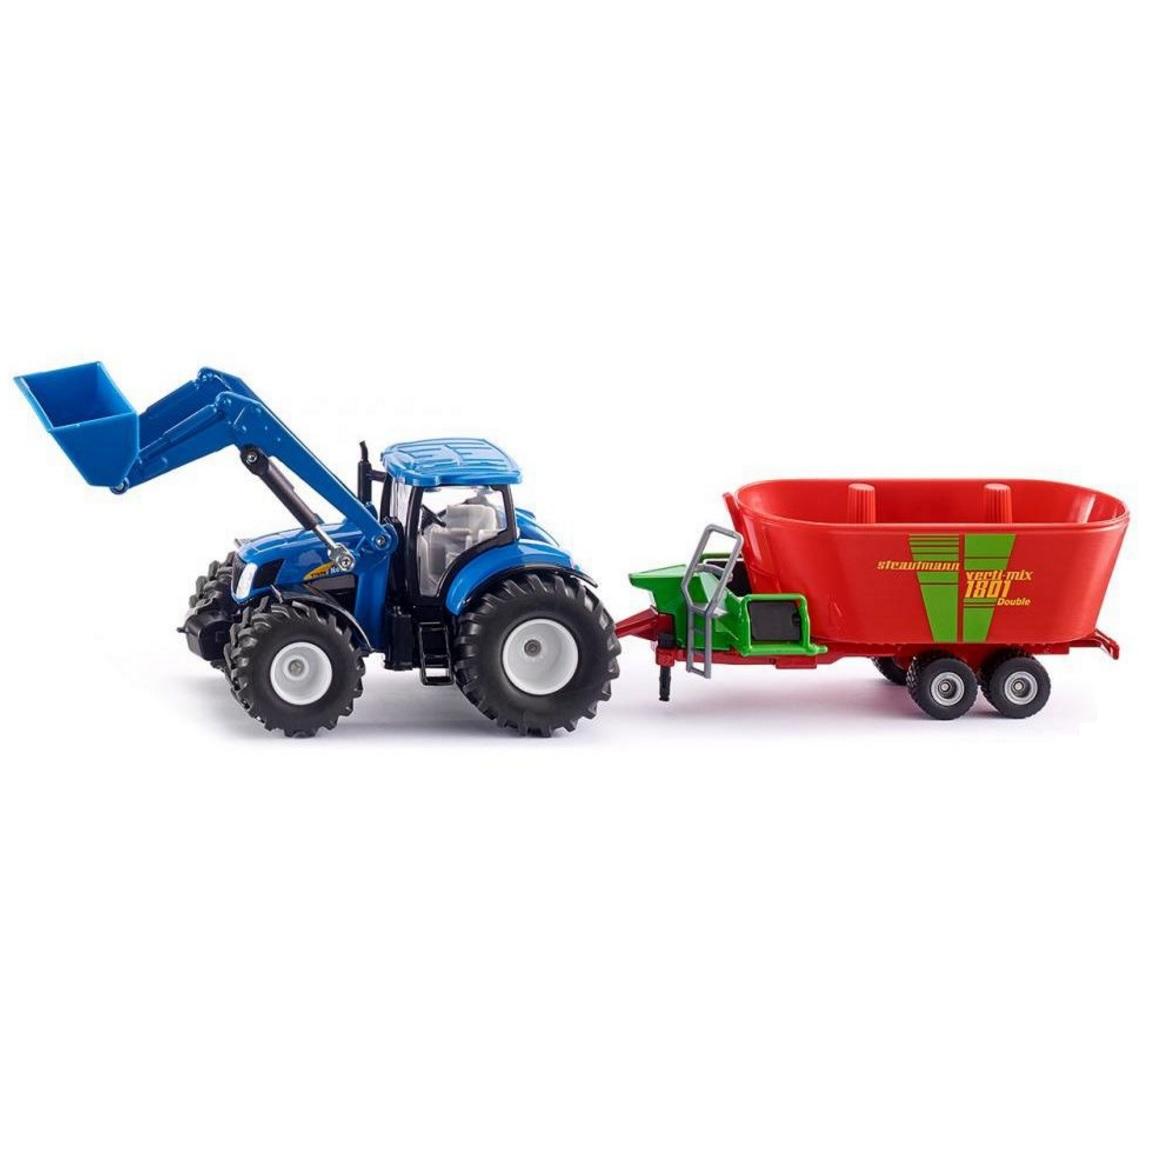 Купить Трактор New Holland с фронтальным погрузчиком Strautmann, масштаб 1:50, Siku